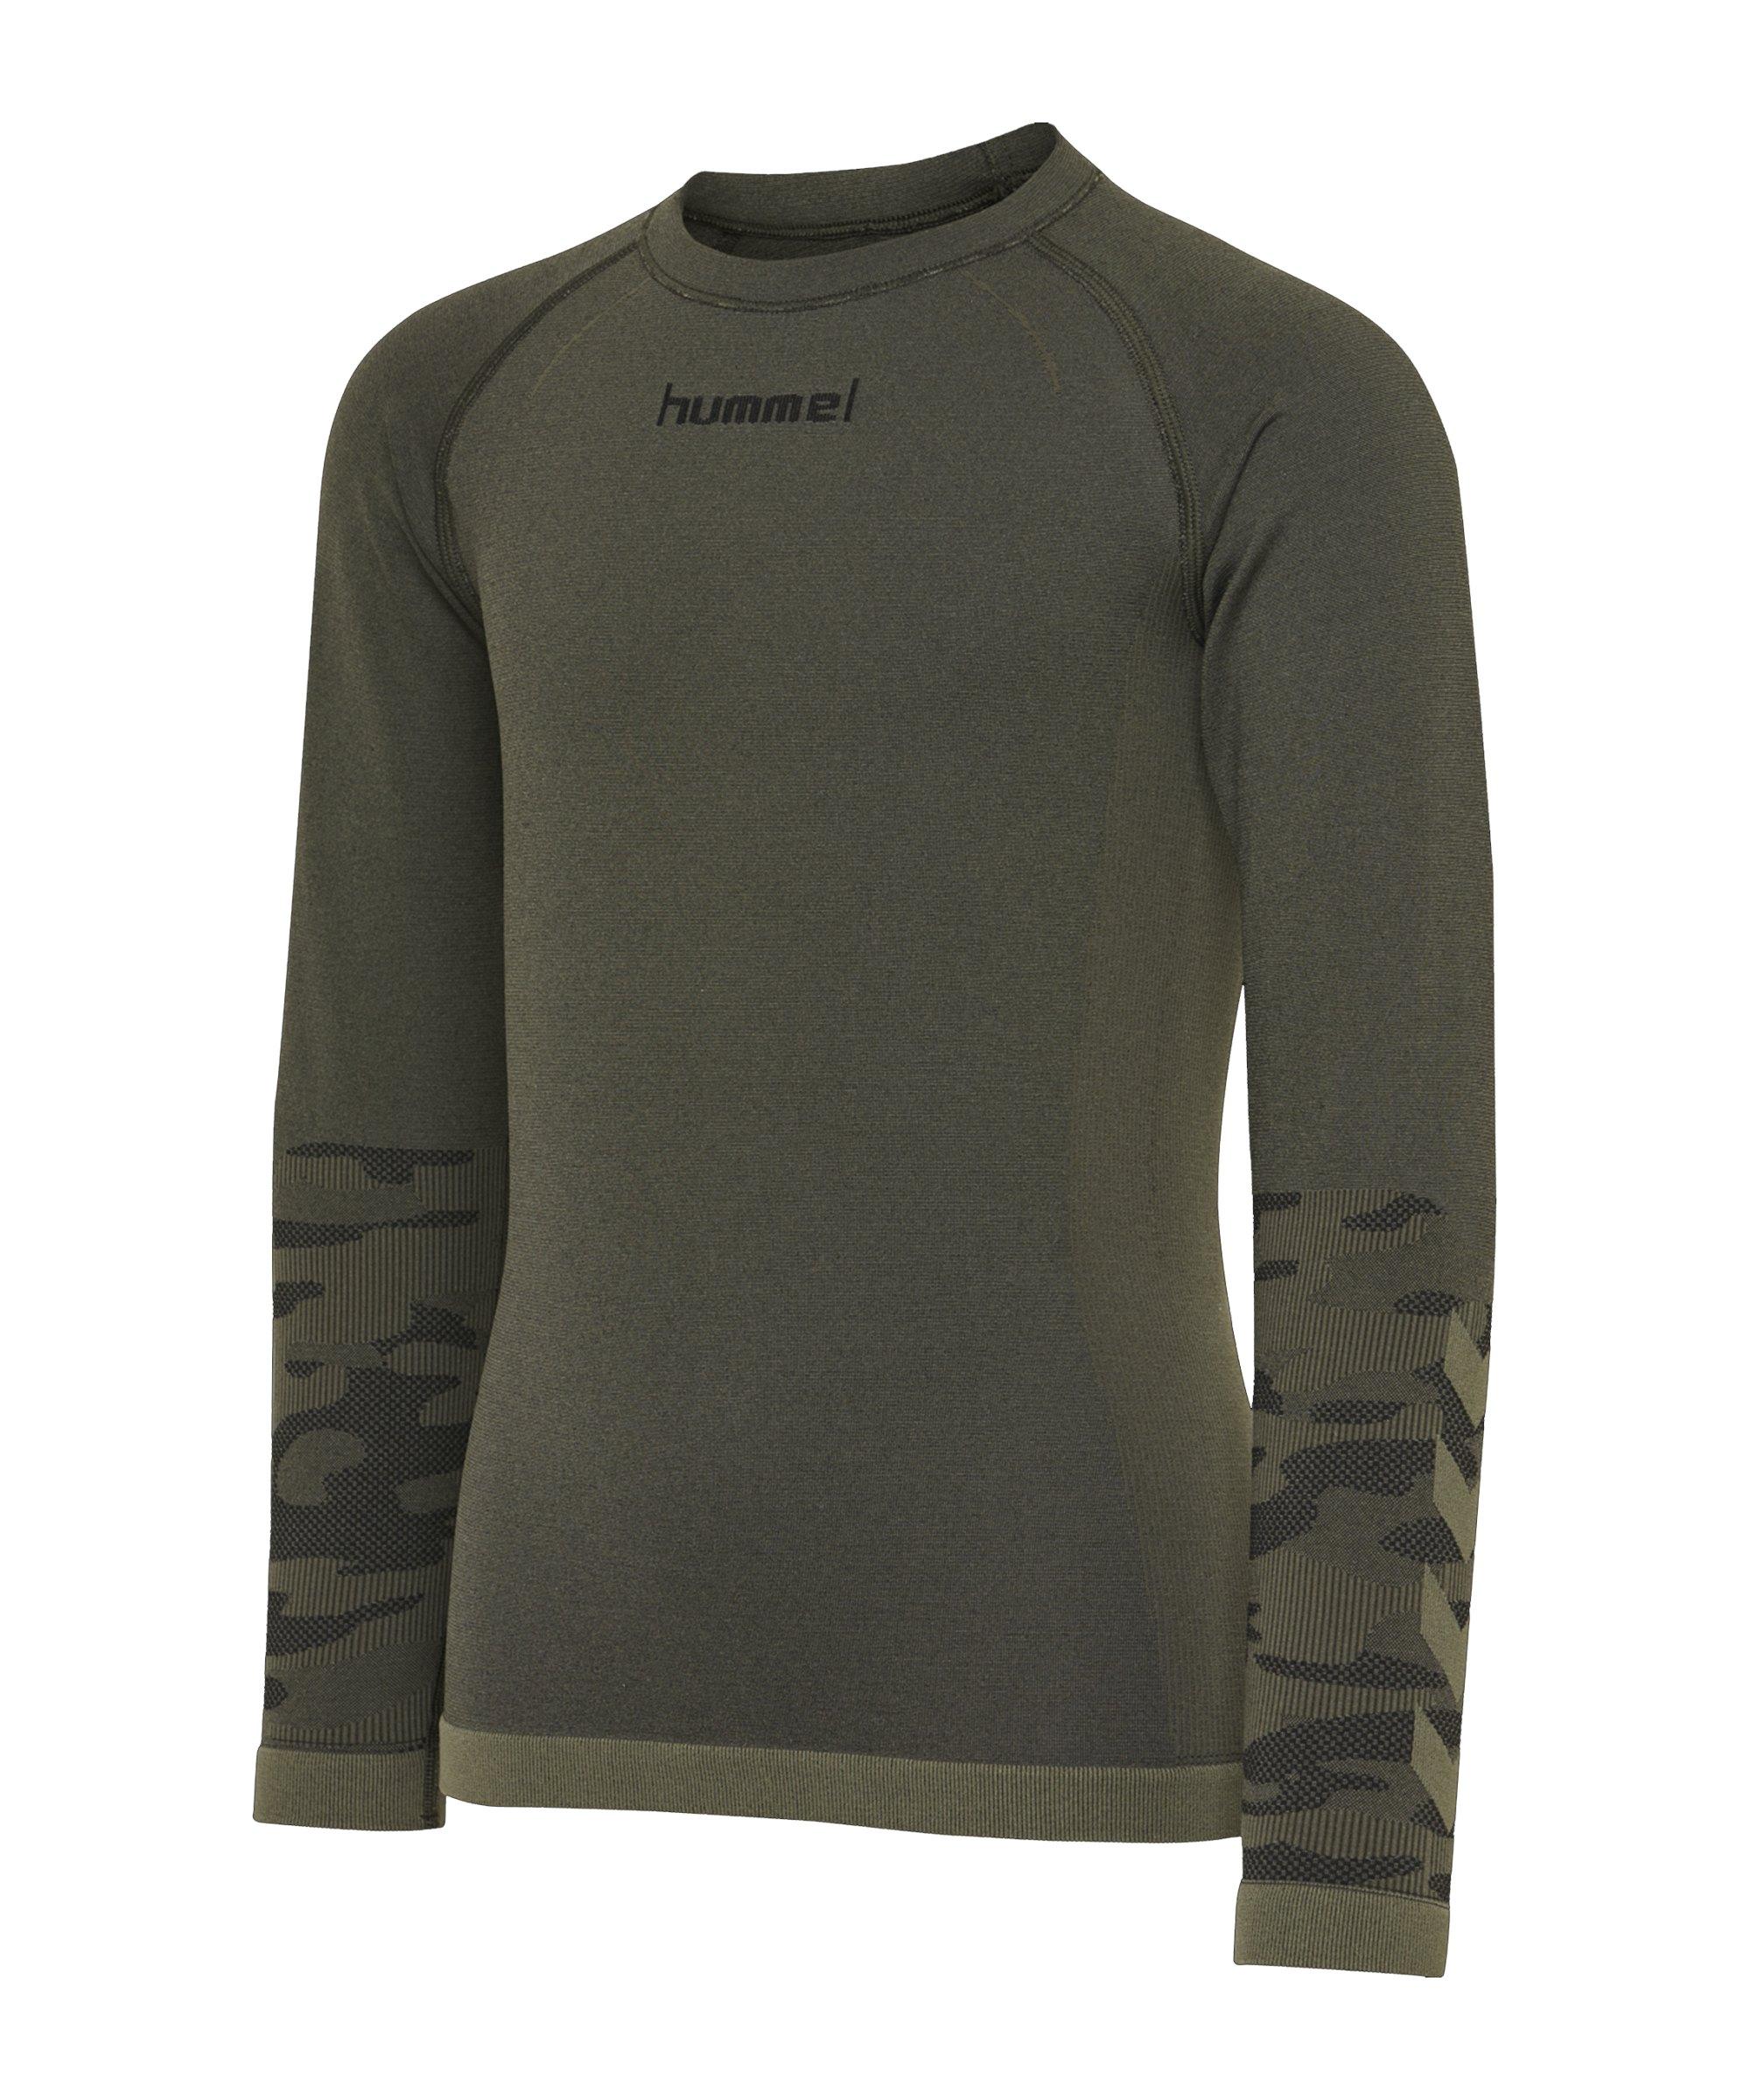 Hummel hmlLUKA Seamless Shirt langarm Kids F6453 - gruen